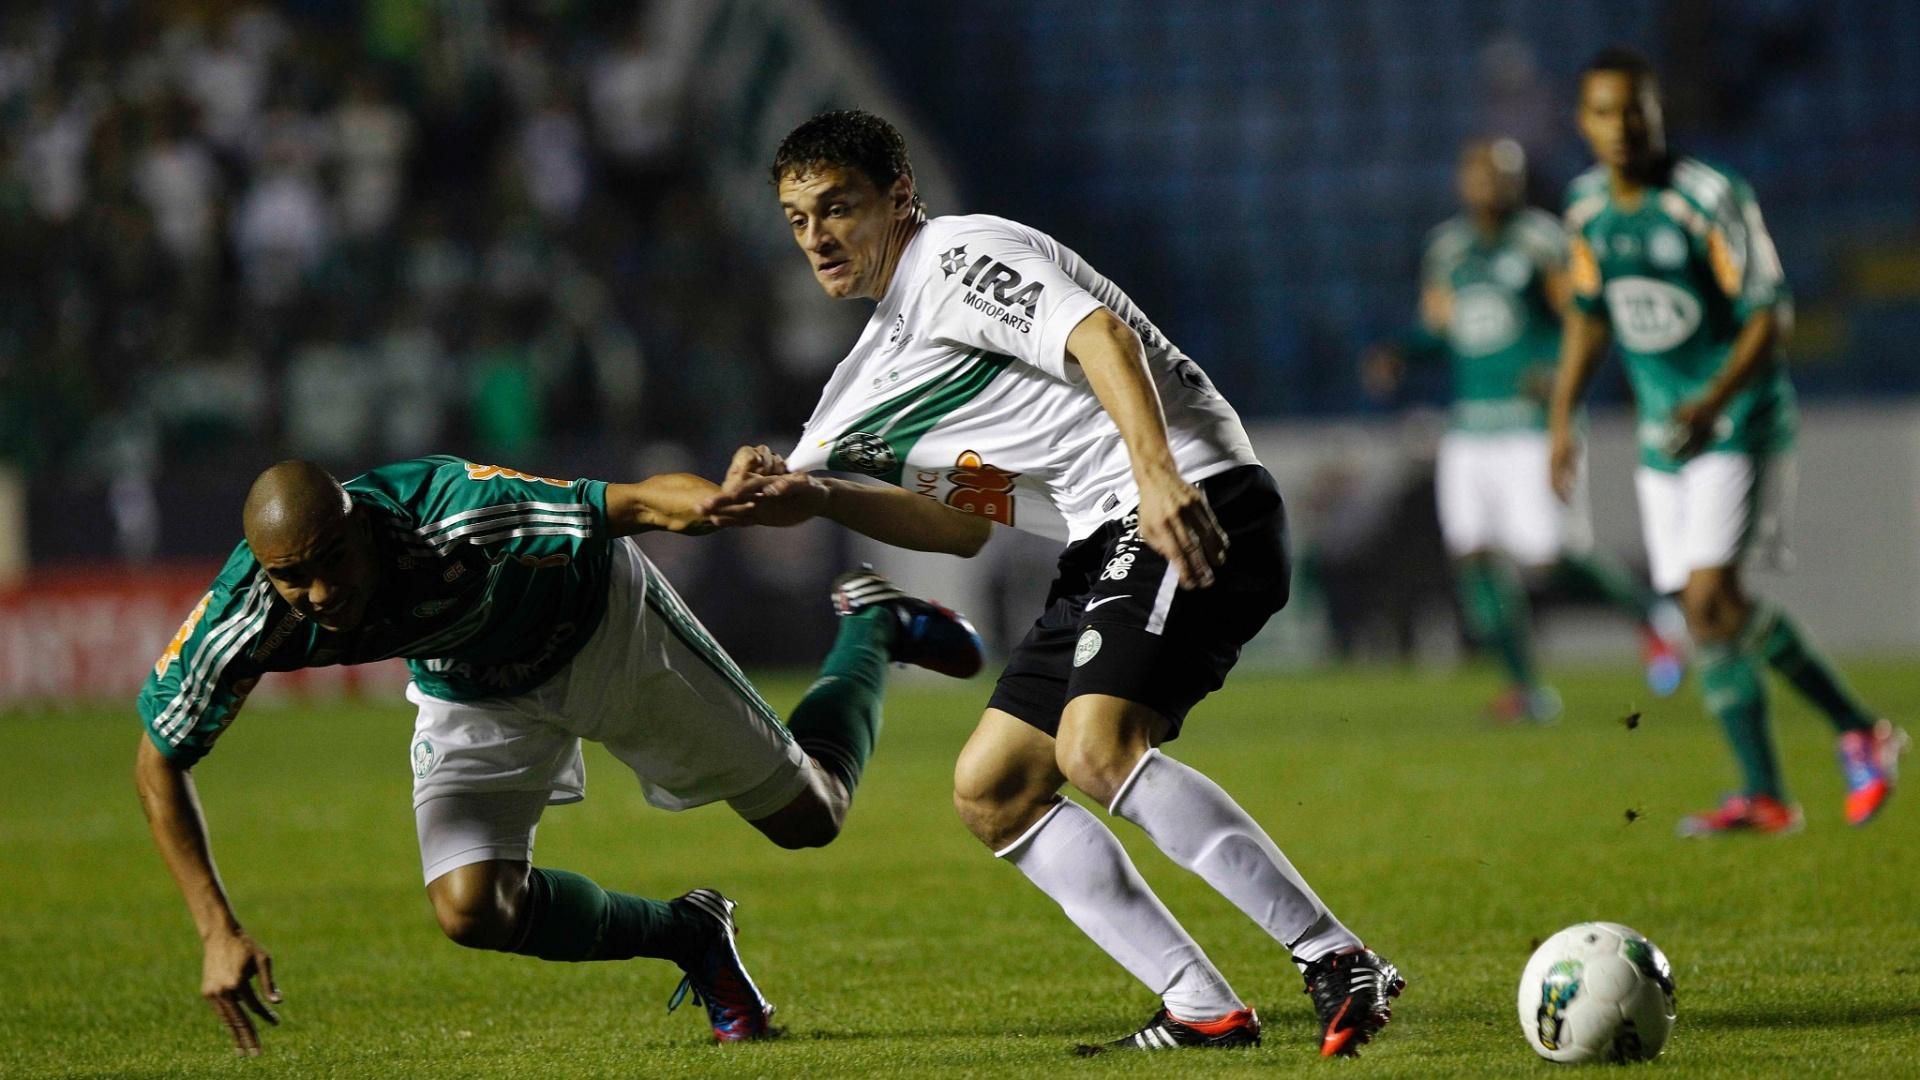 Maurício Ramos leva a pior na disputa de bola e se desequilibra em lance da final da Copa do Brasil na Arena Barueri